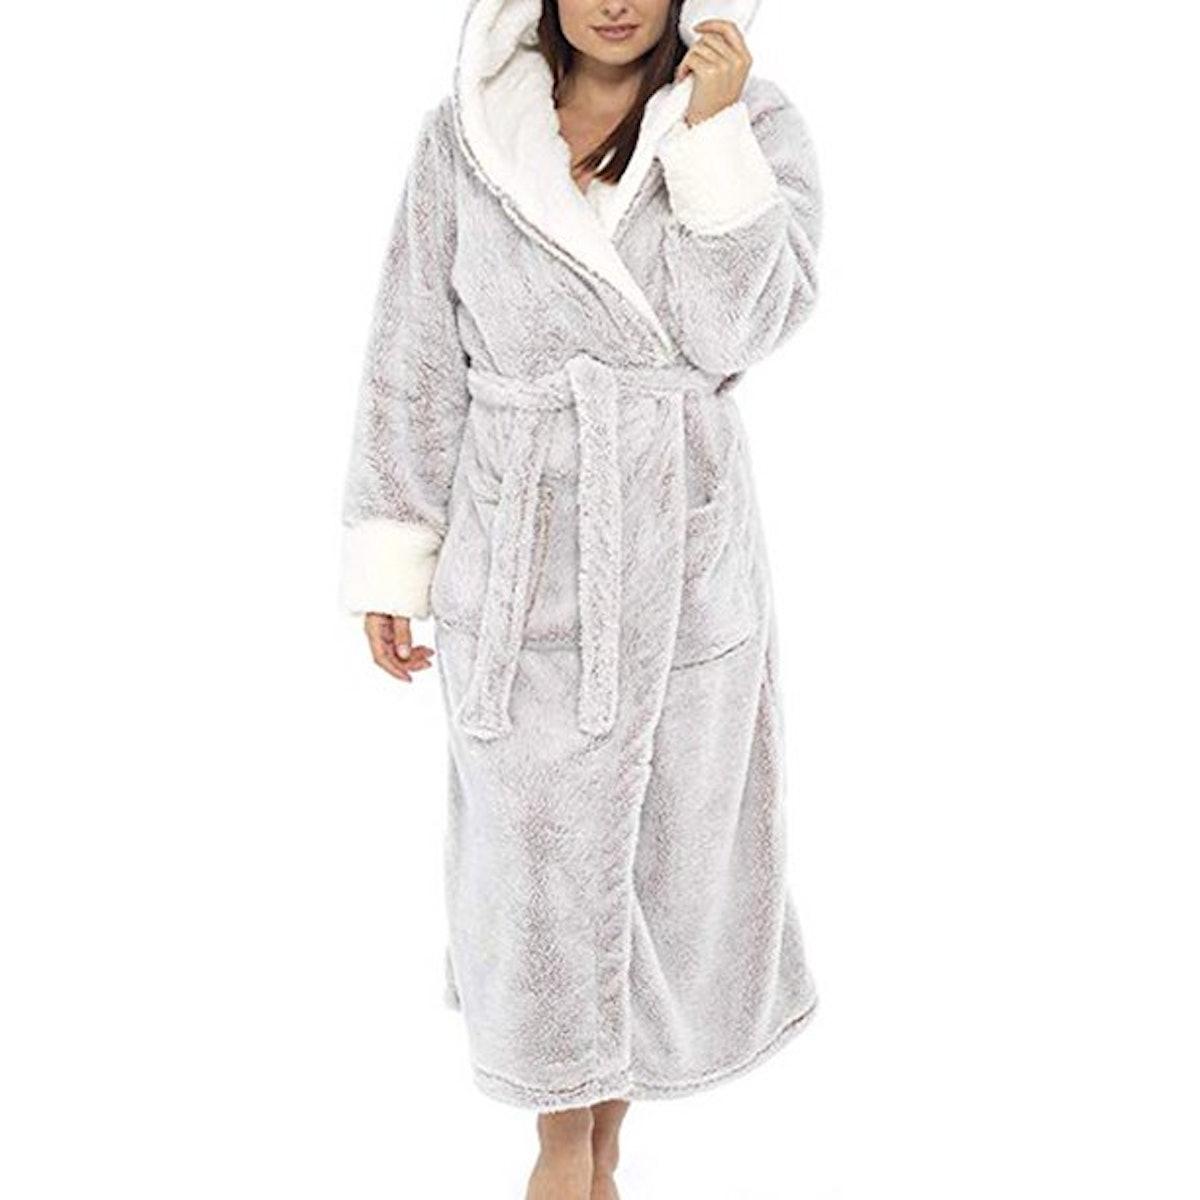 Wodstyle Women's Plus Size Fleece Fluffy Dressing Gown Hooded Bath Robe Warm Nightwear